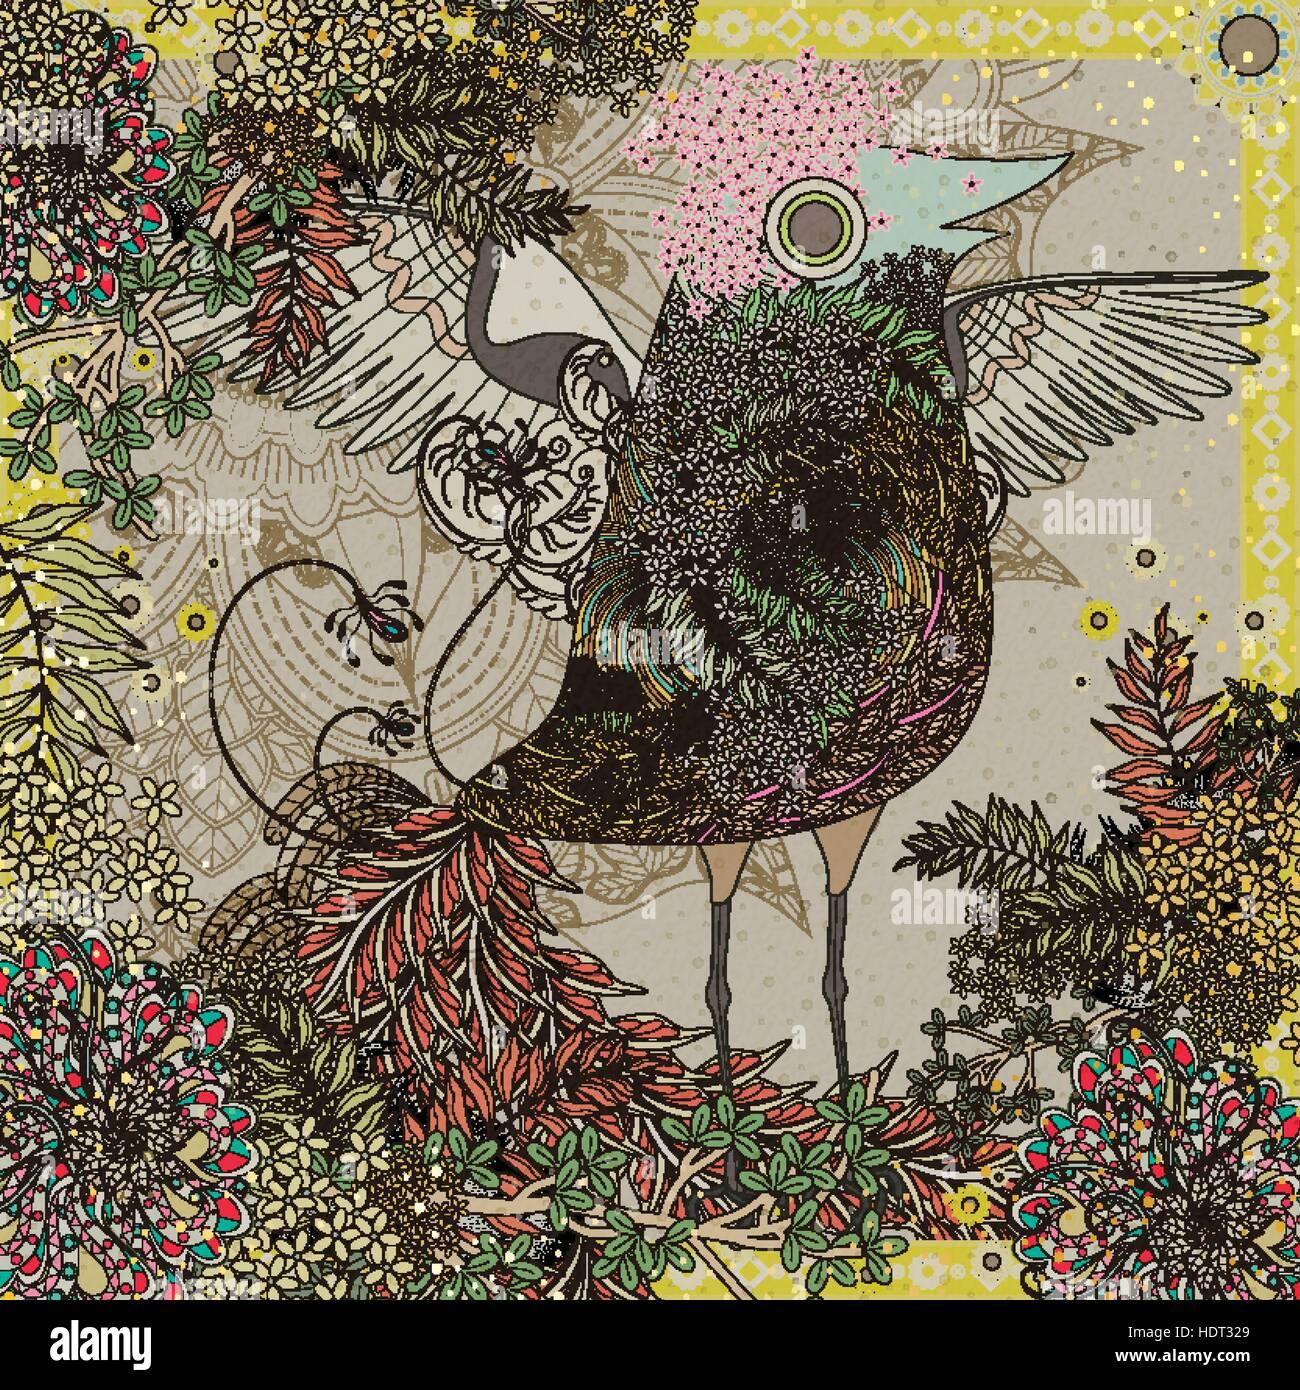 Lustige Vögel Malvorlagen Mit Floralen Elementen Vektor Abbildung